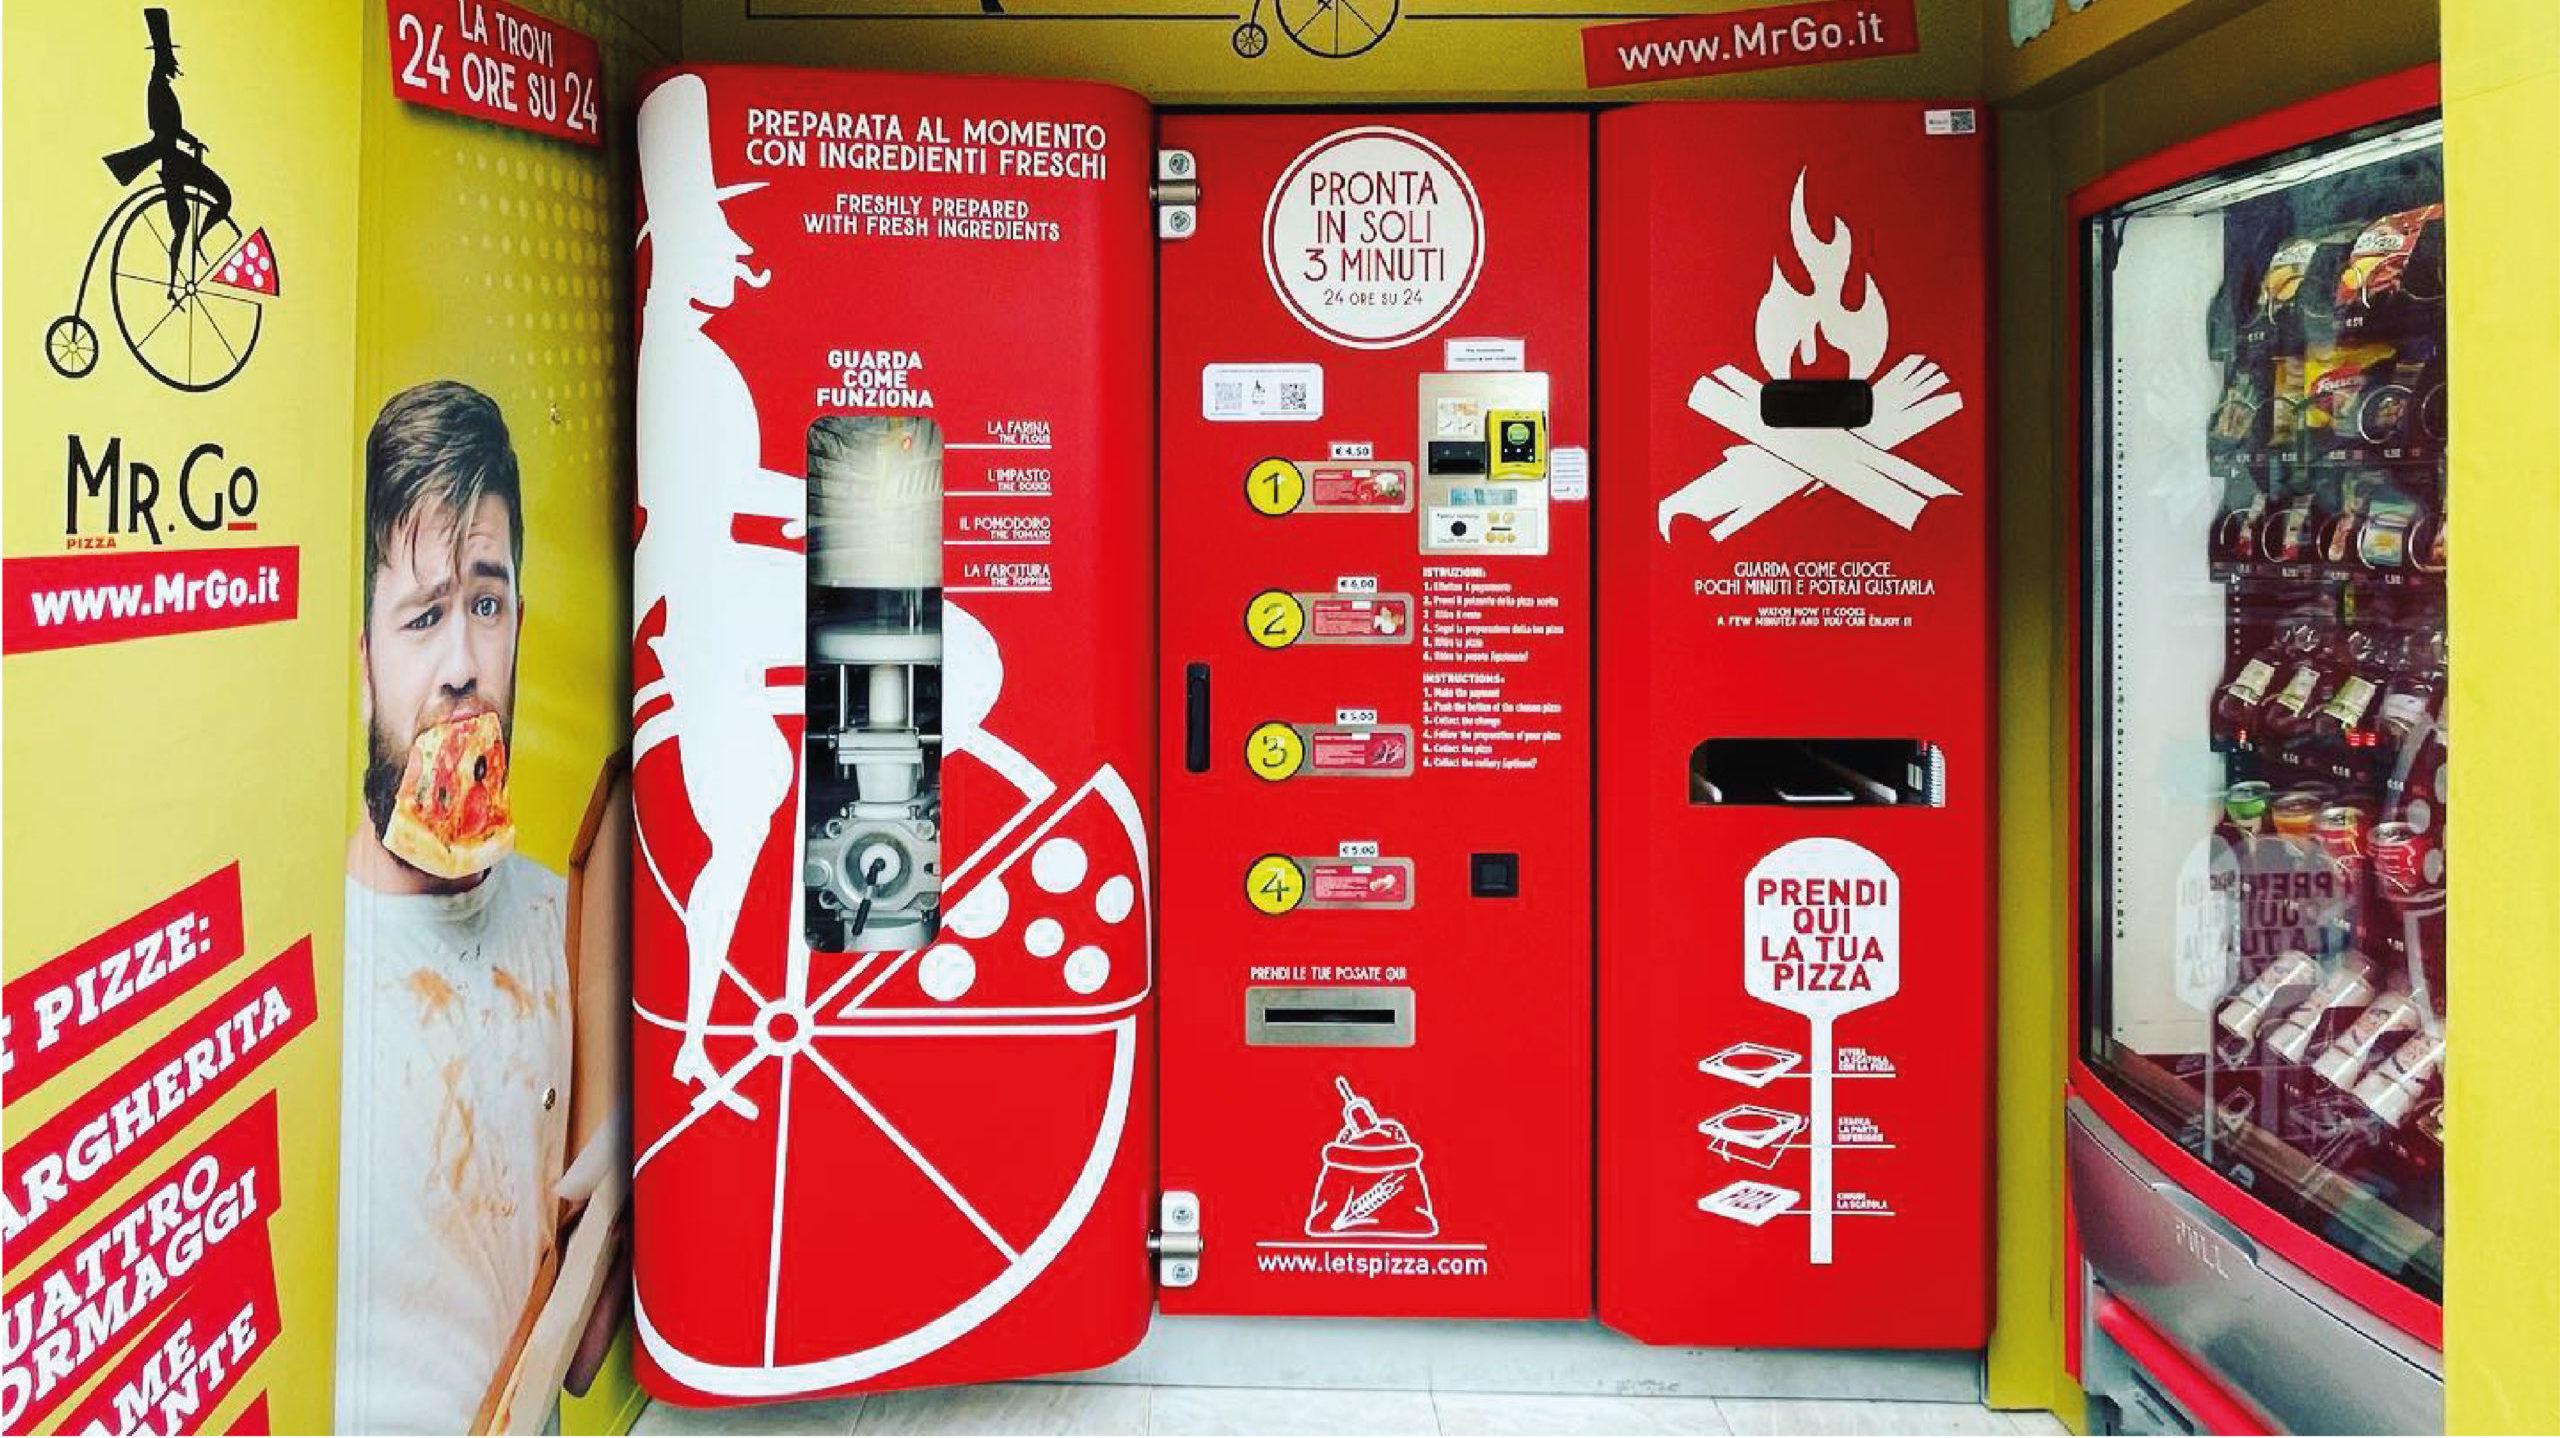 Máquina expendedora prepara pizzas en 3 minutos